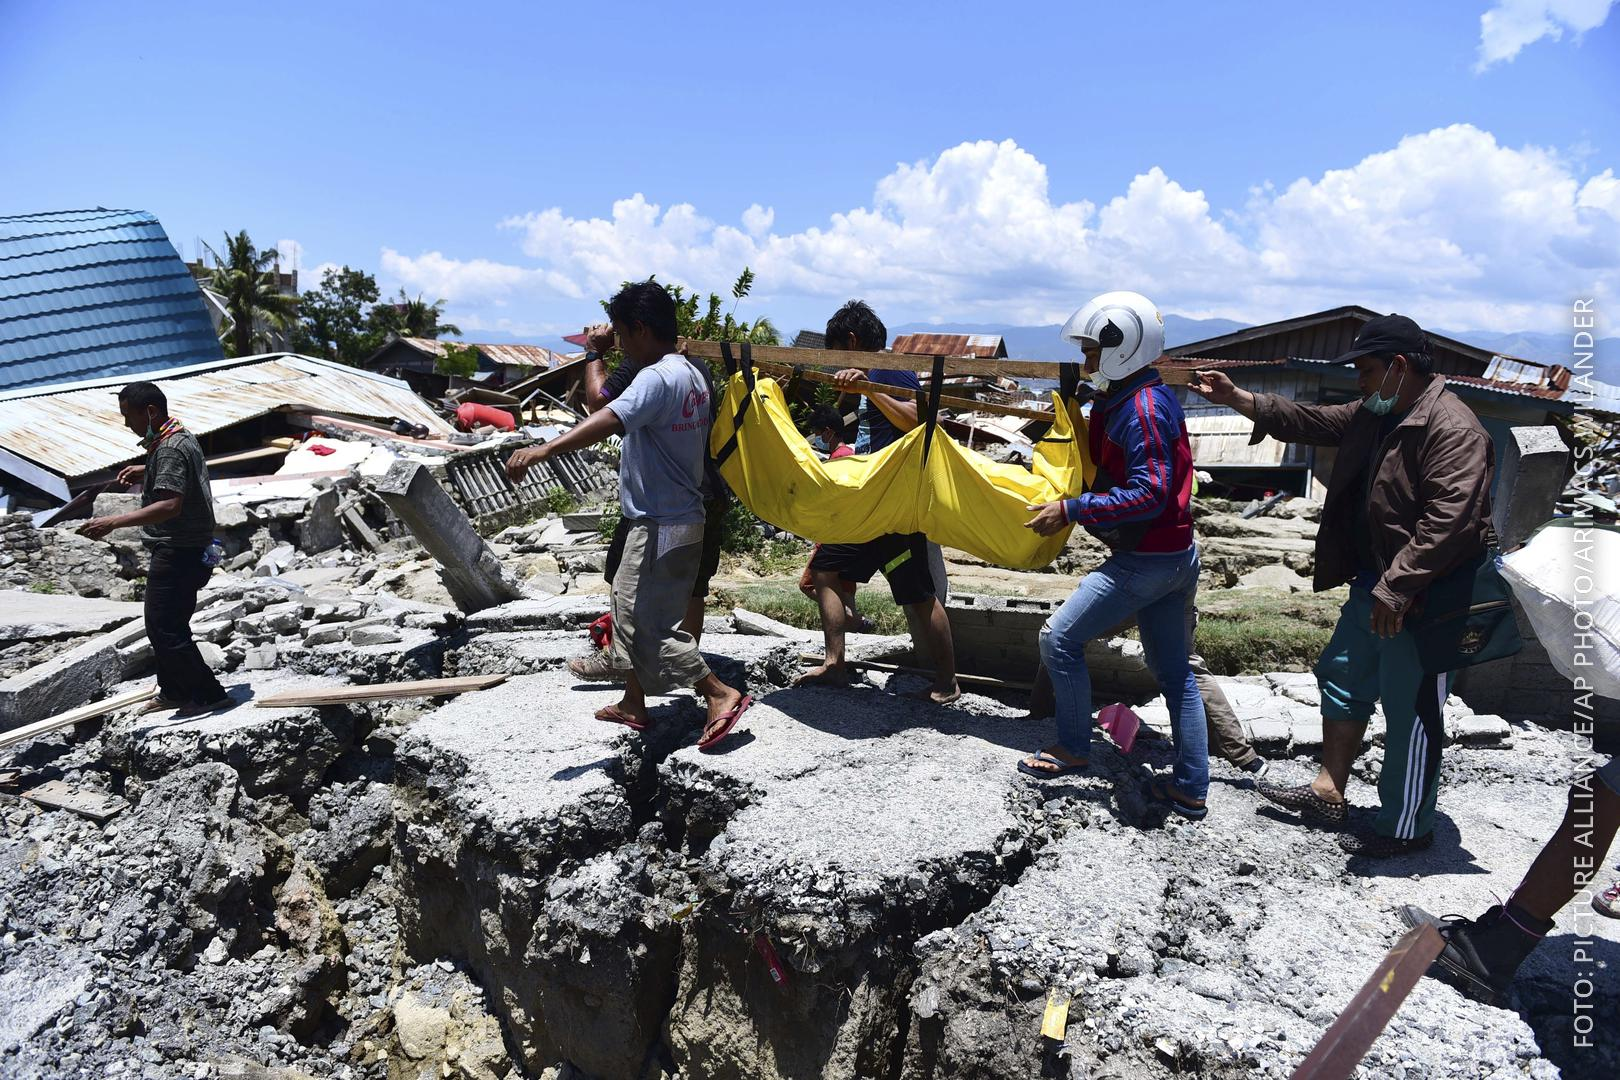 Rettungskräfte bergen Leichen nach Erdbeben und Tsunami in Indonesien